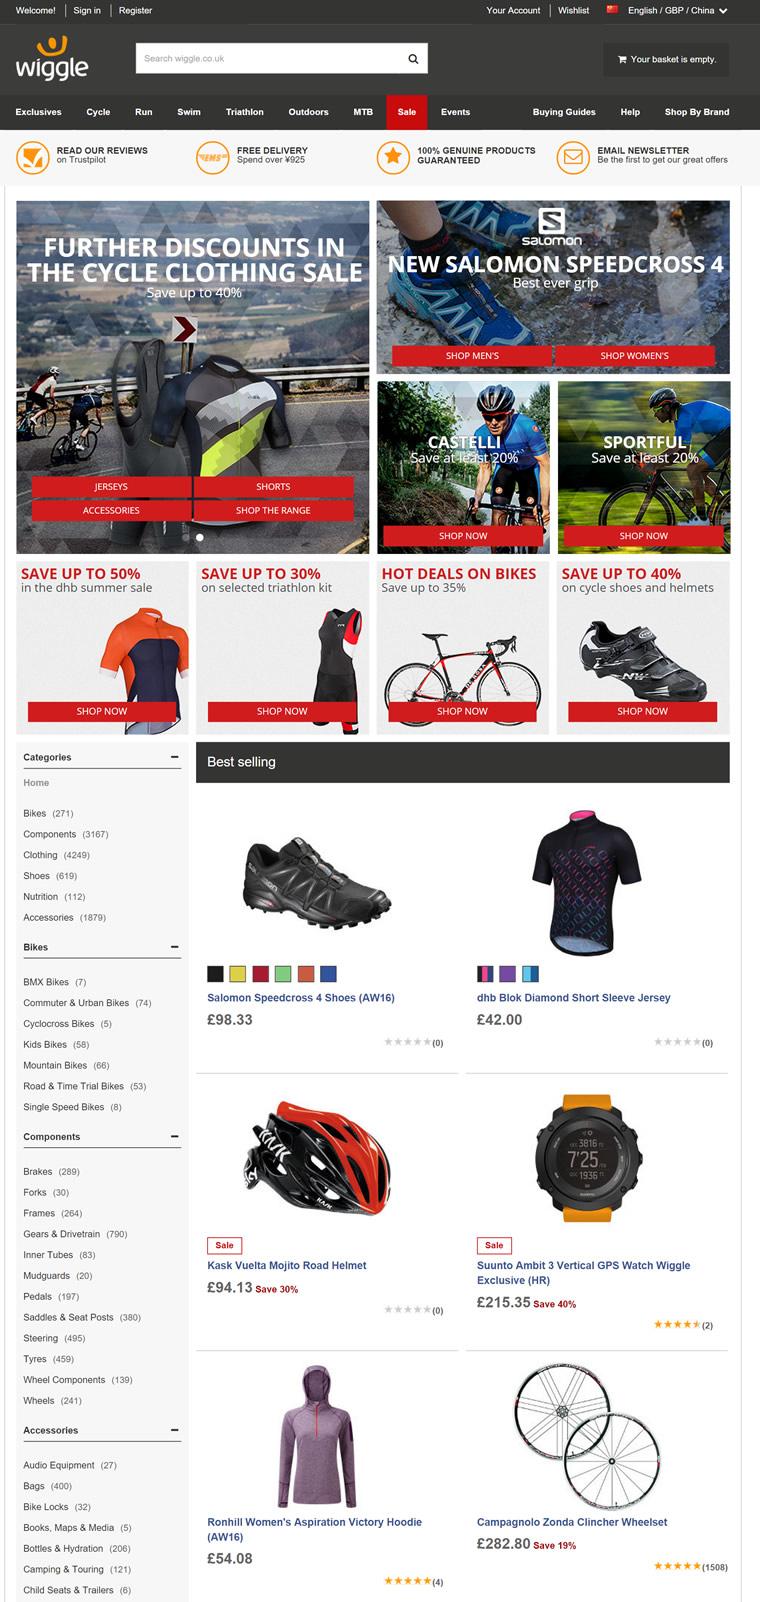 英国骑行、跑步、游泳、铁人三项运动装备专卖店:Wiggle